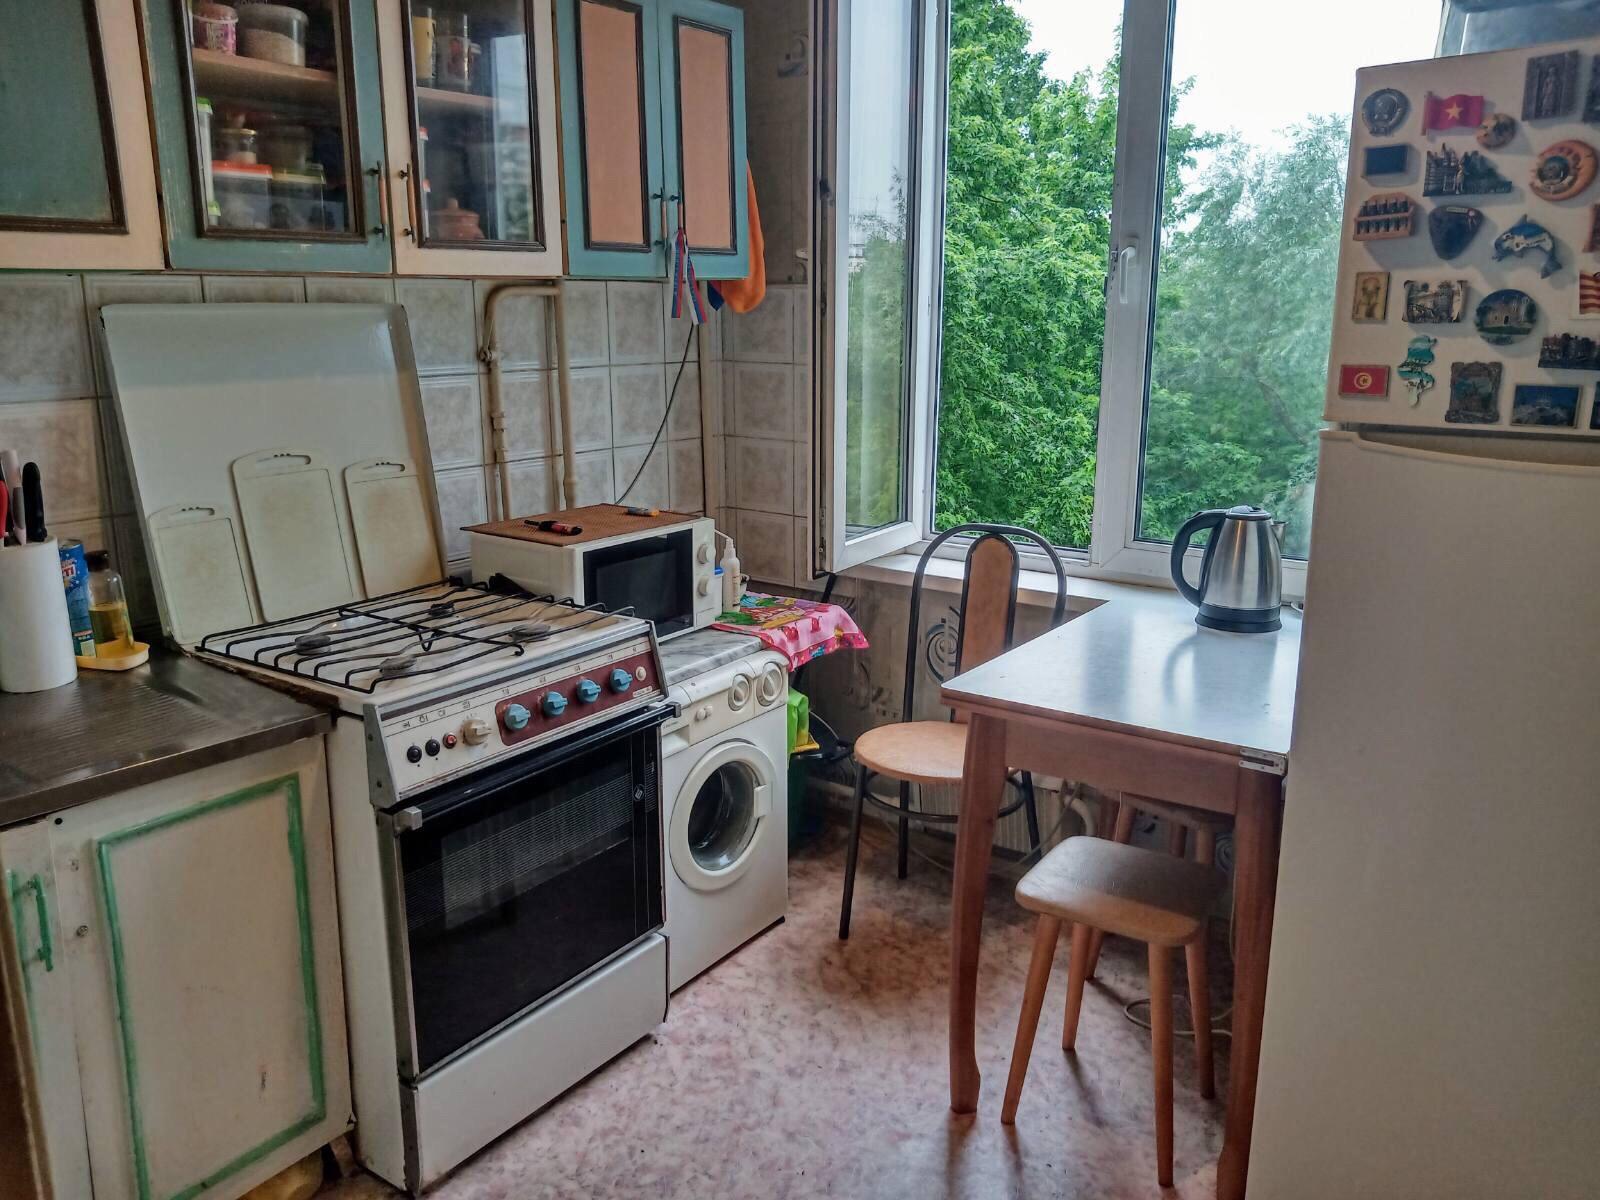 Квартира, 1 комната, 38 м² в Москве 89151902091 купить 2